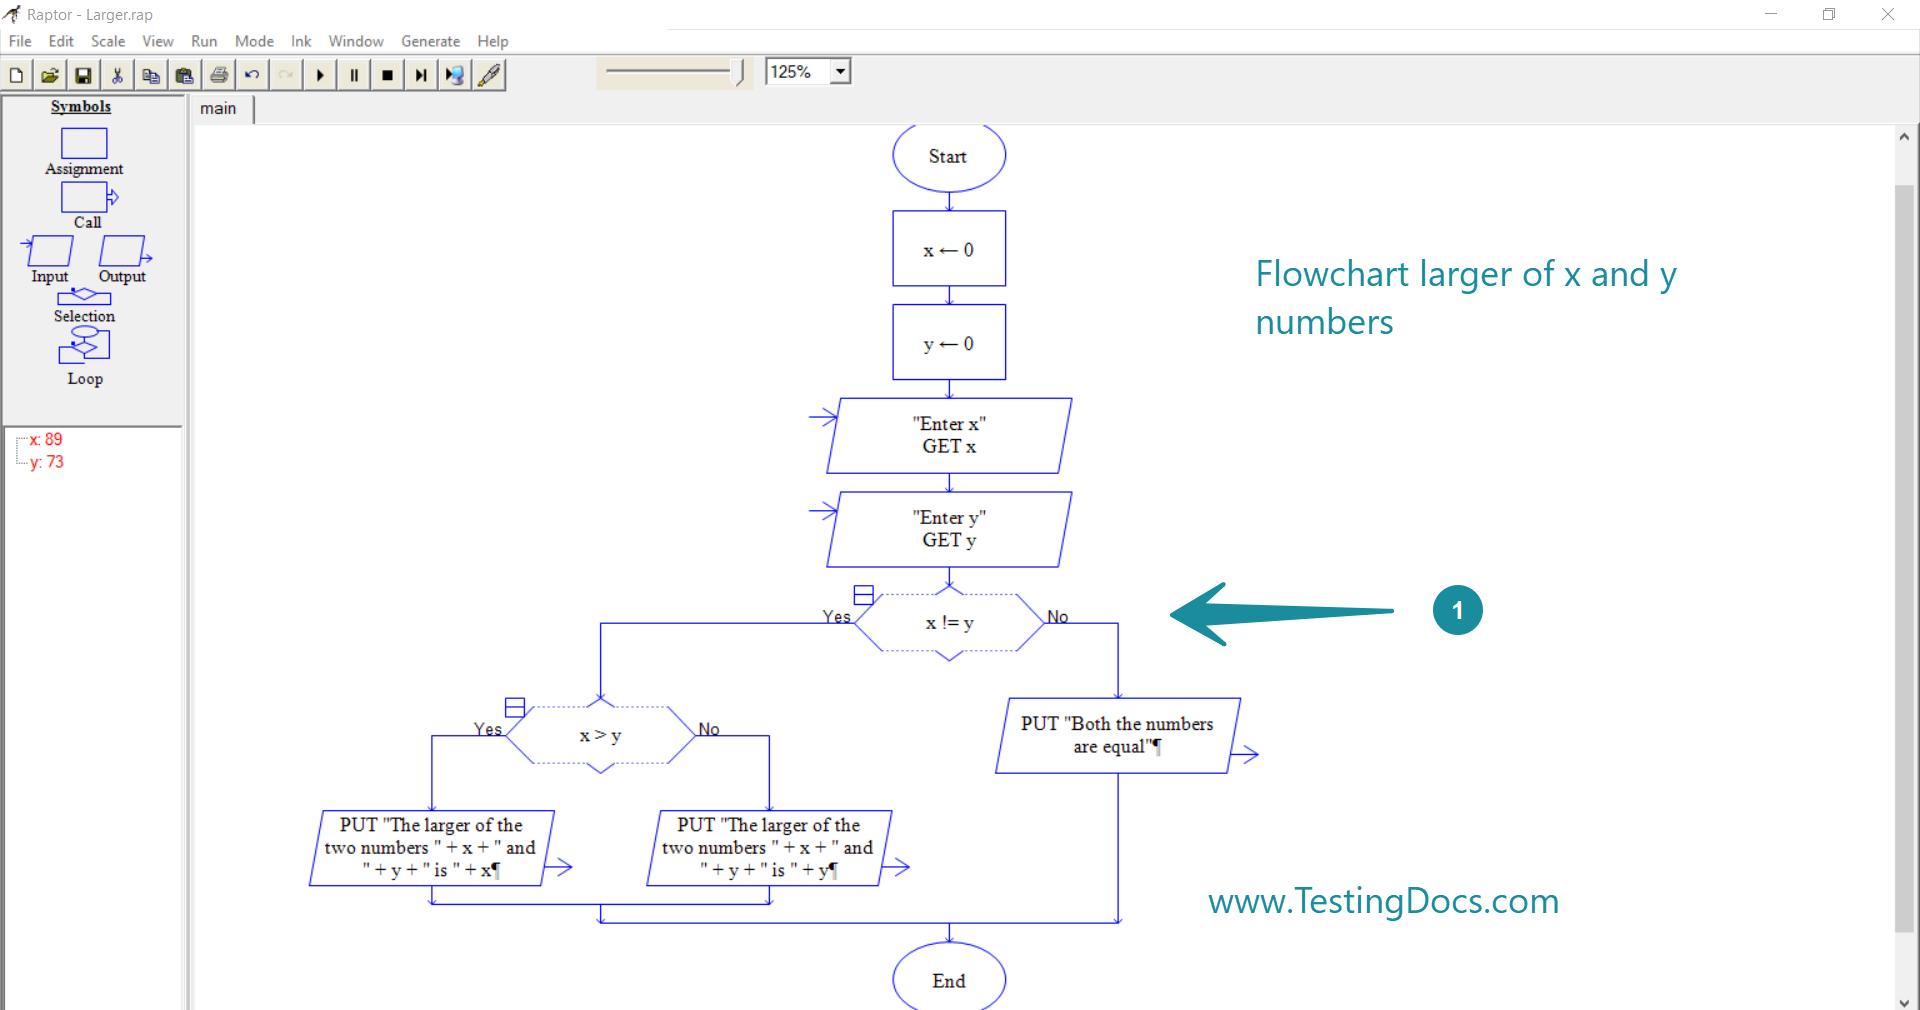 Design a flowchart